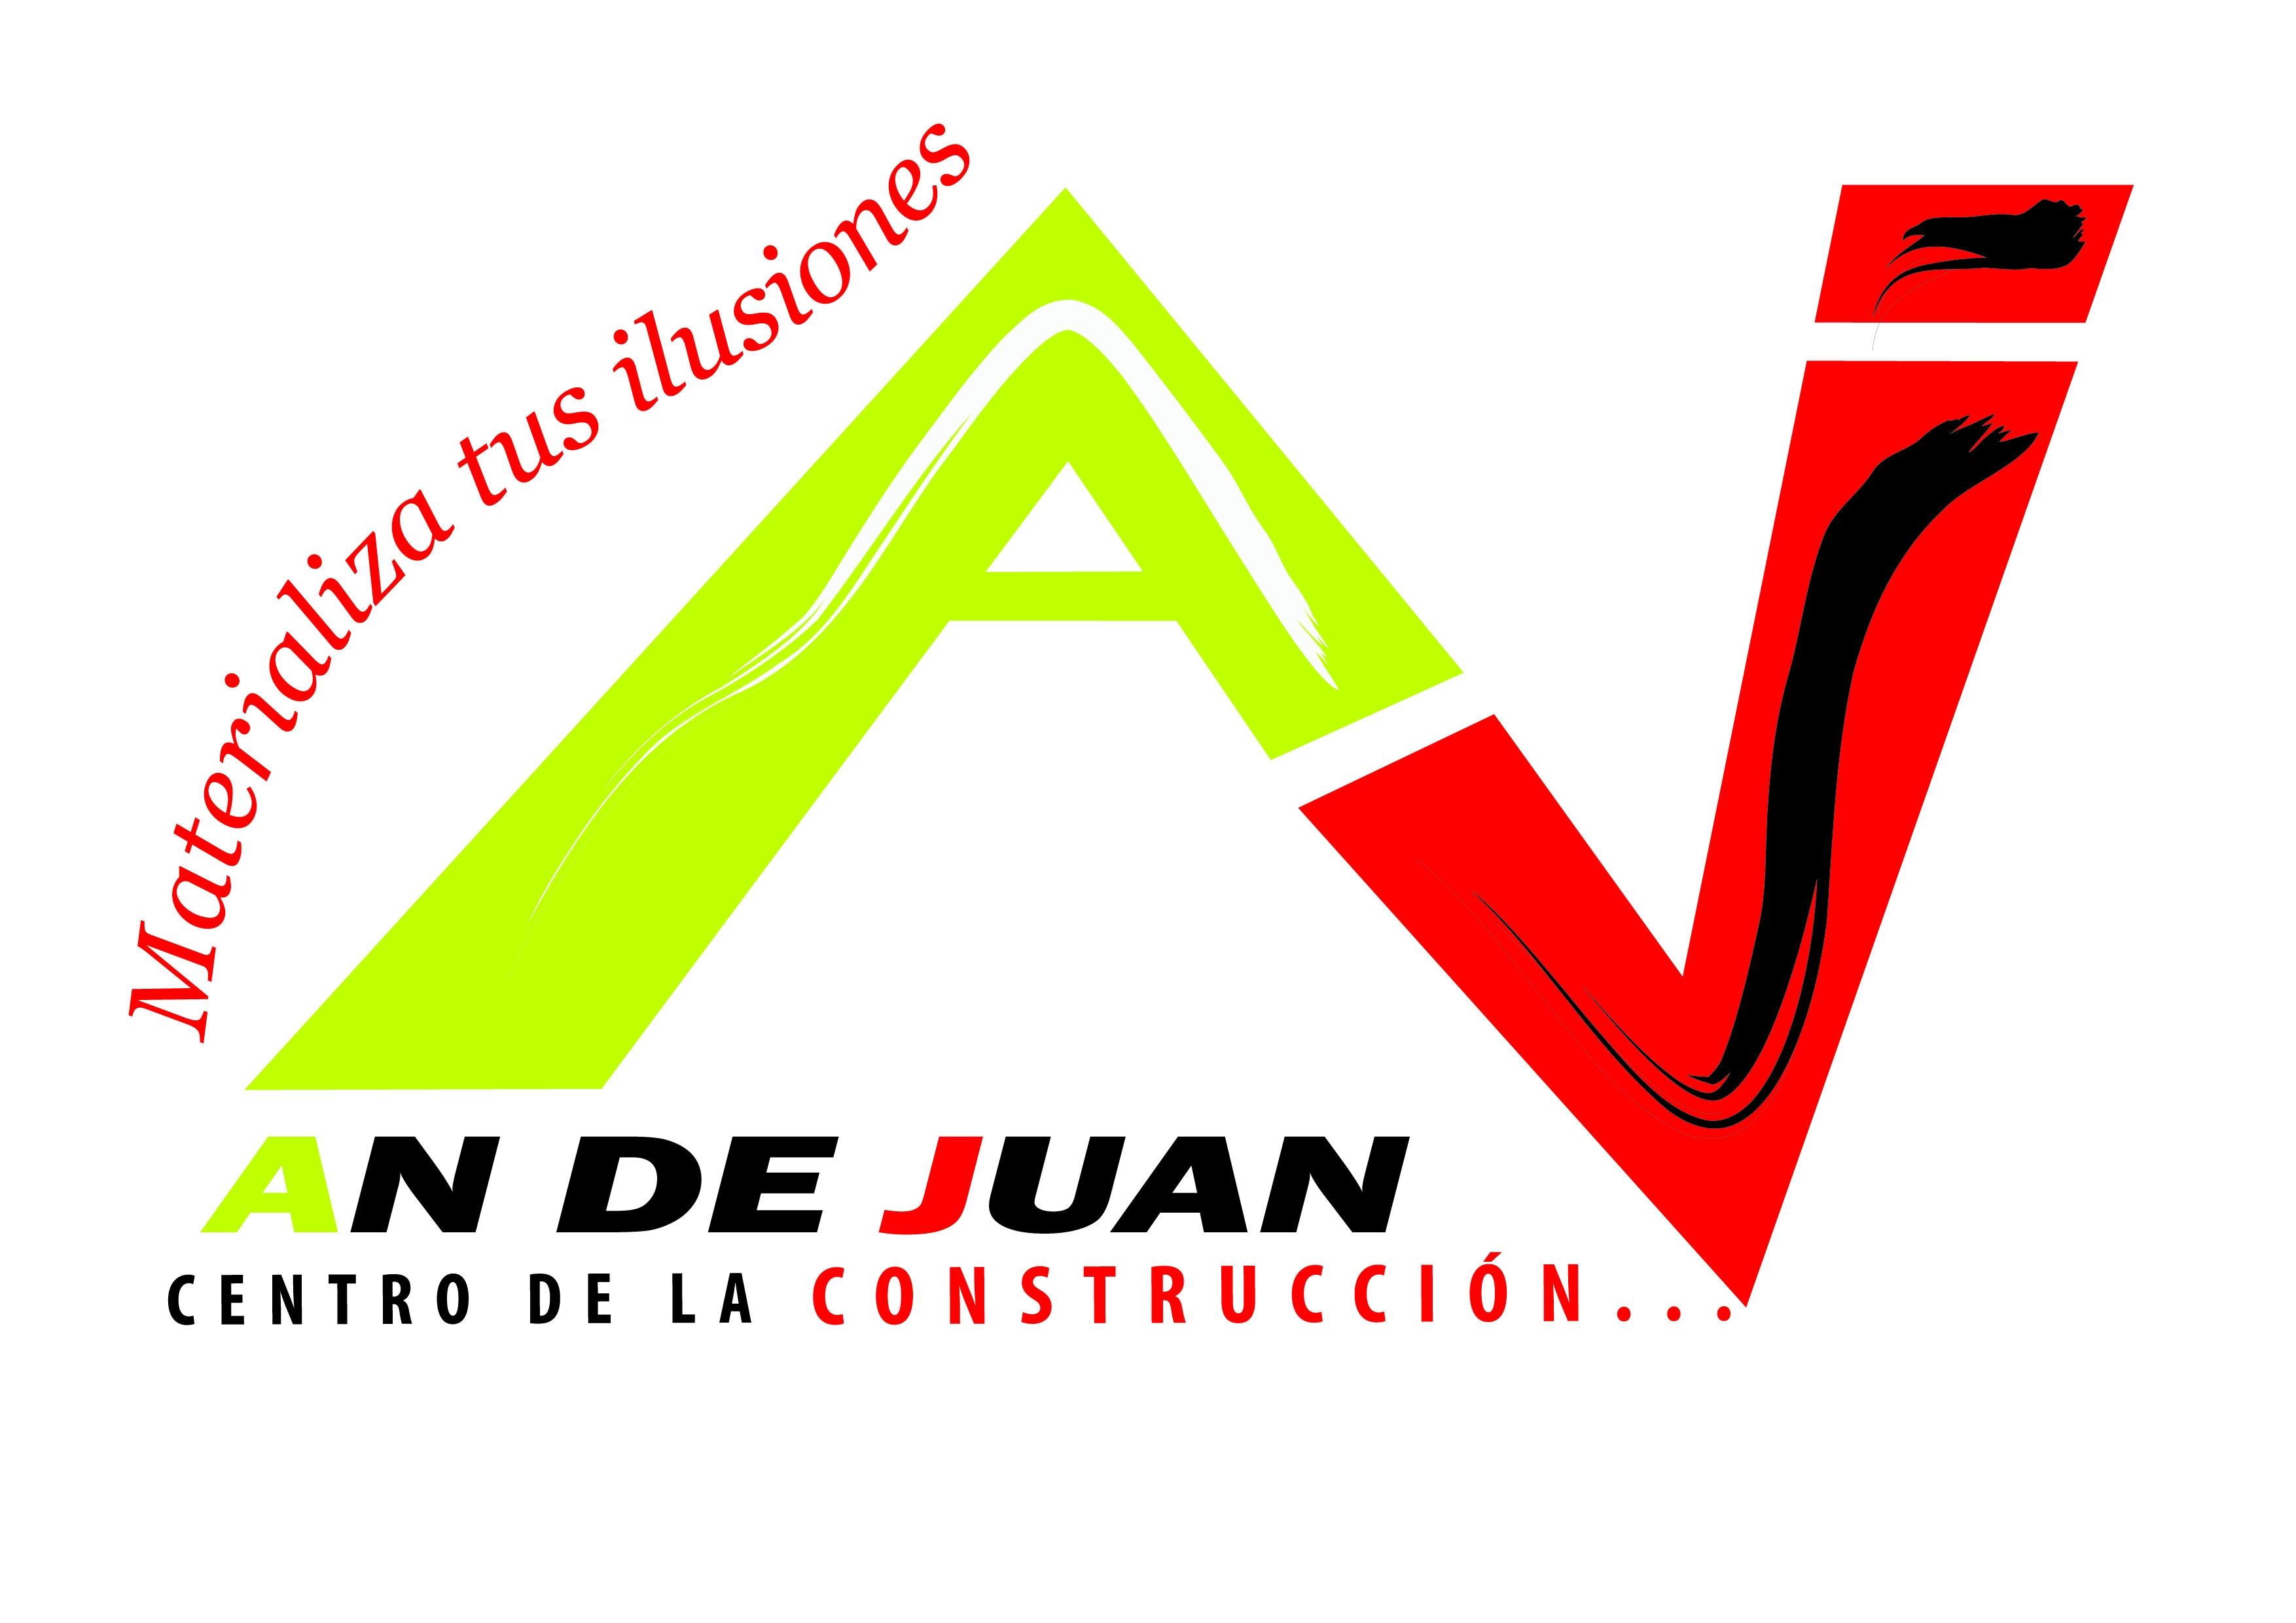 Aj centro de la construcciòn